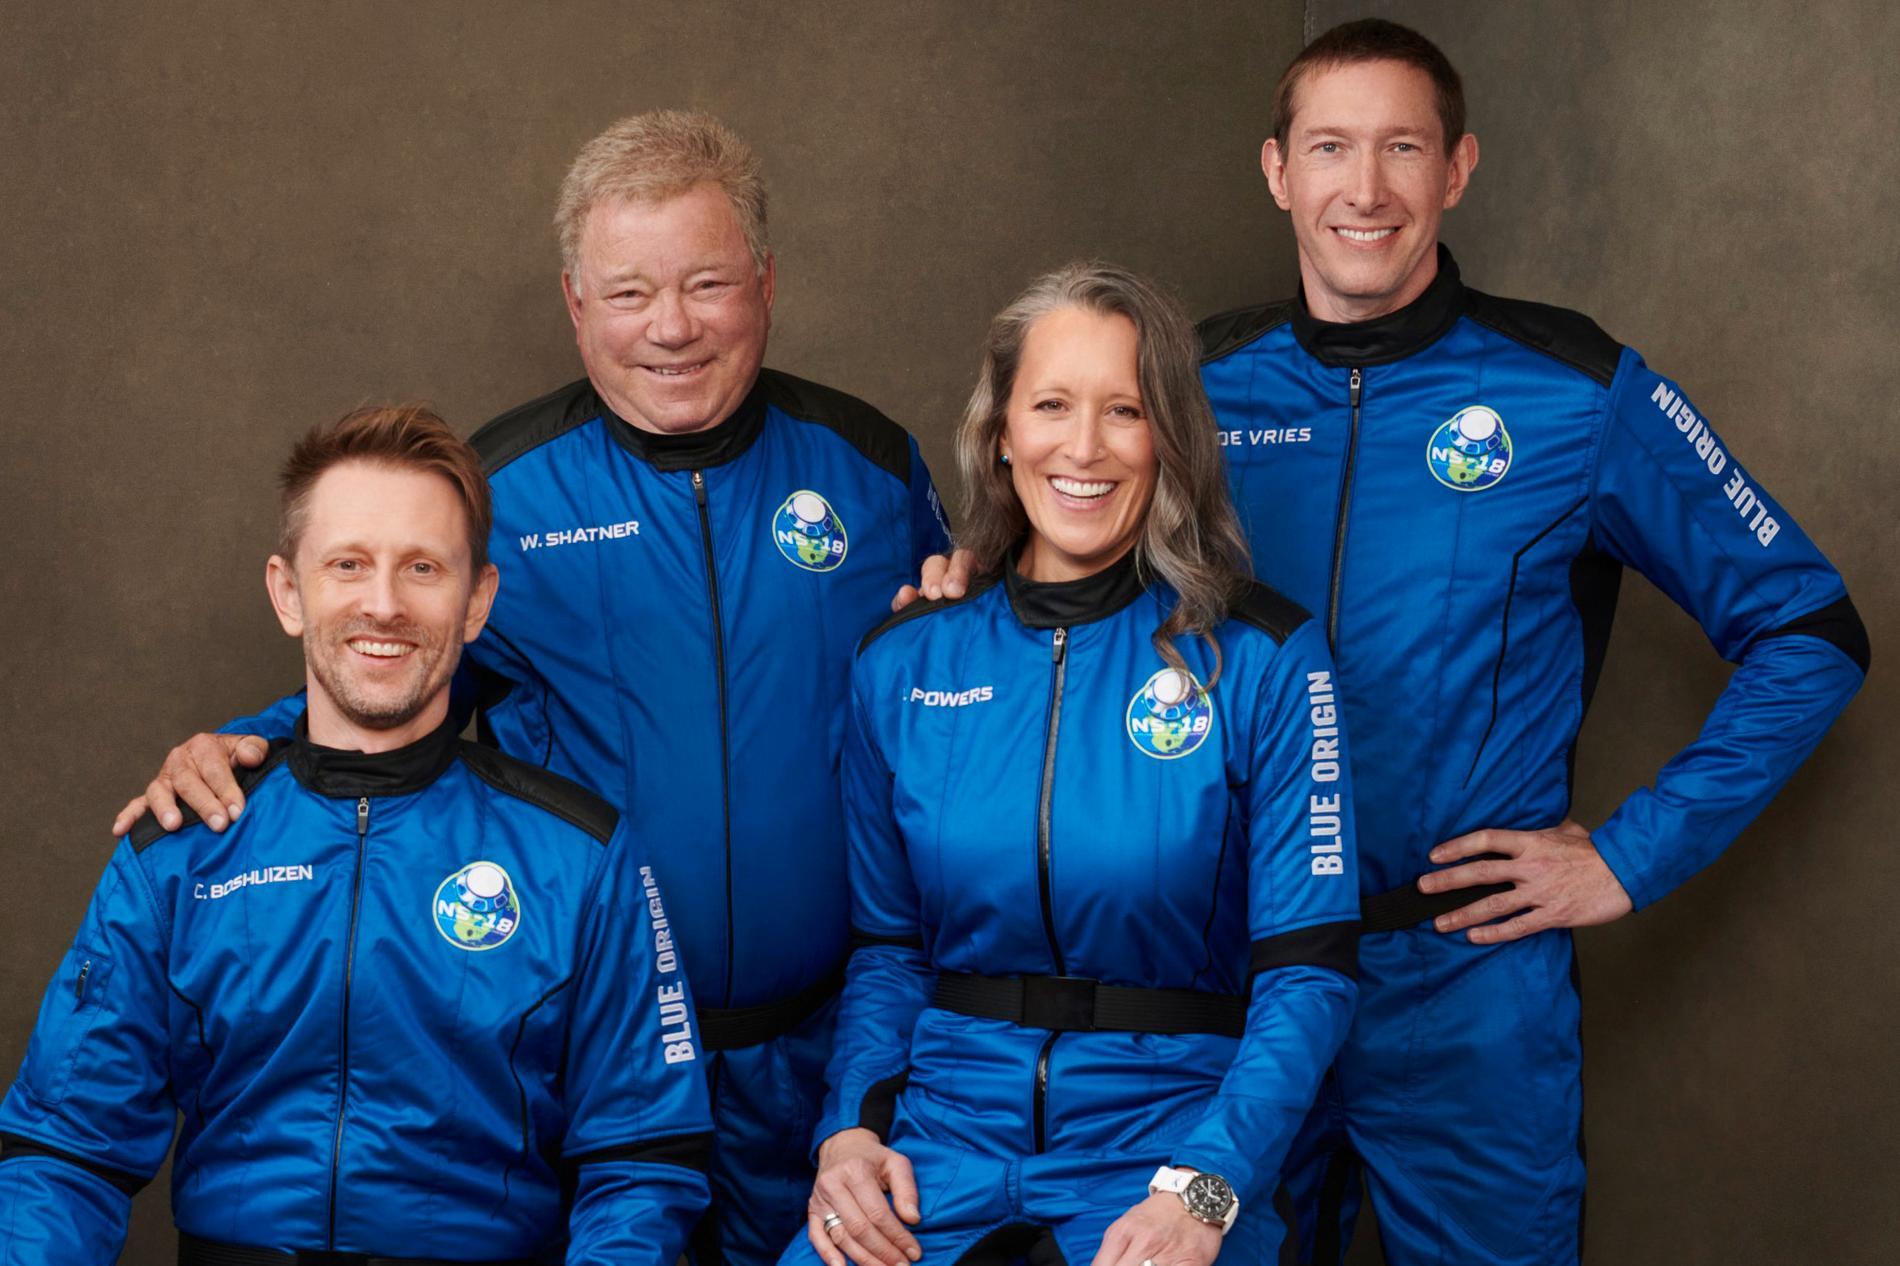 William Shatner, Chris Boshuizen, Audrey Powers och Glen de Vries